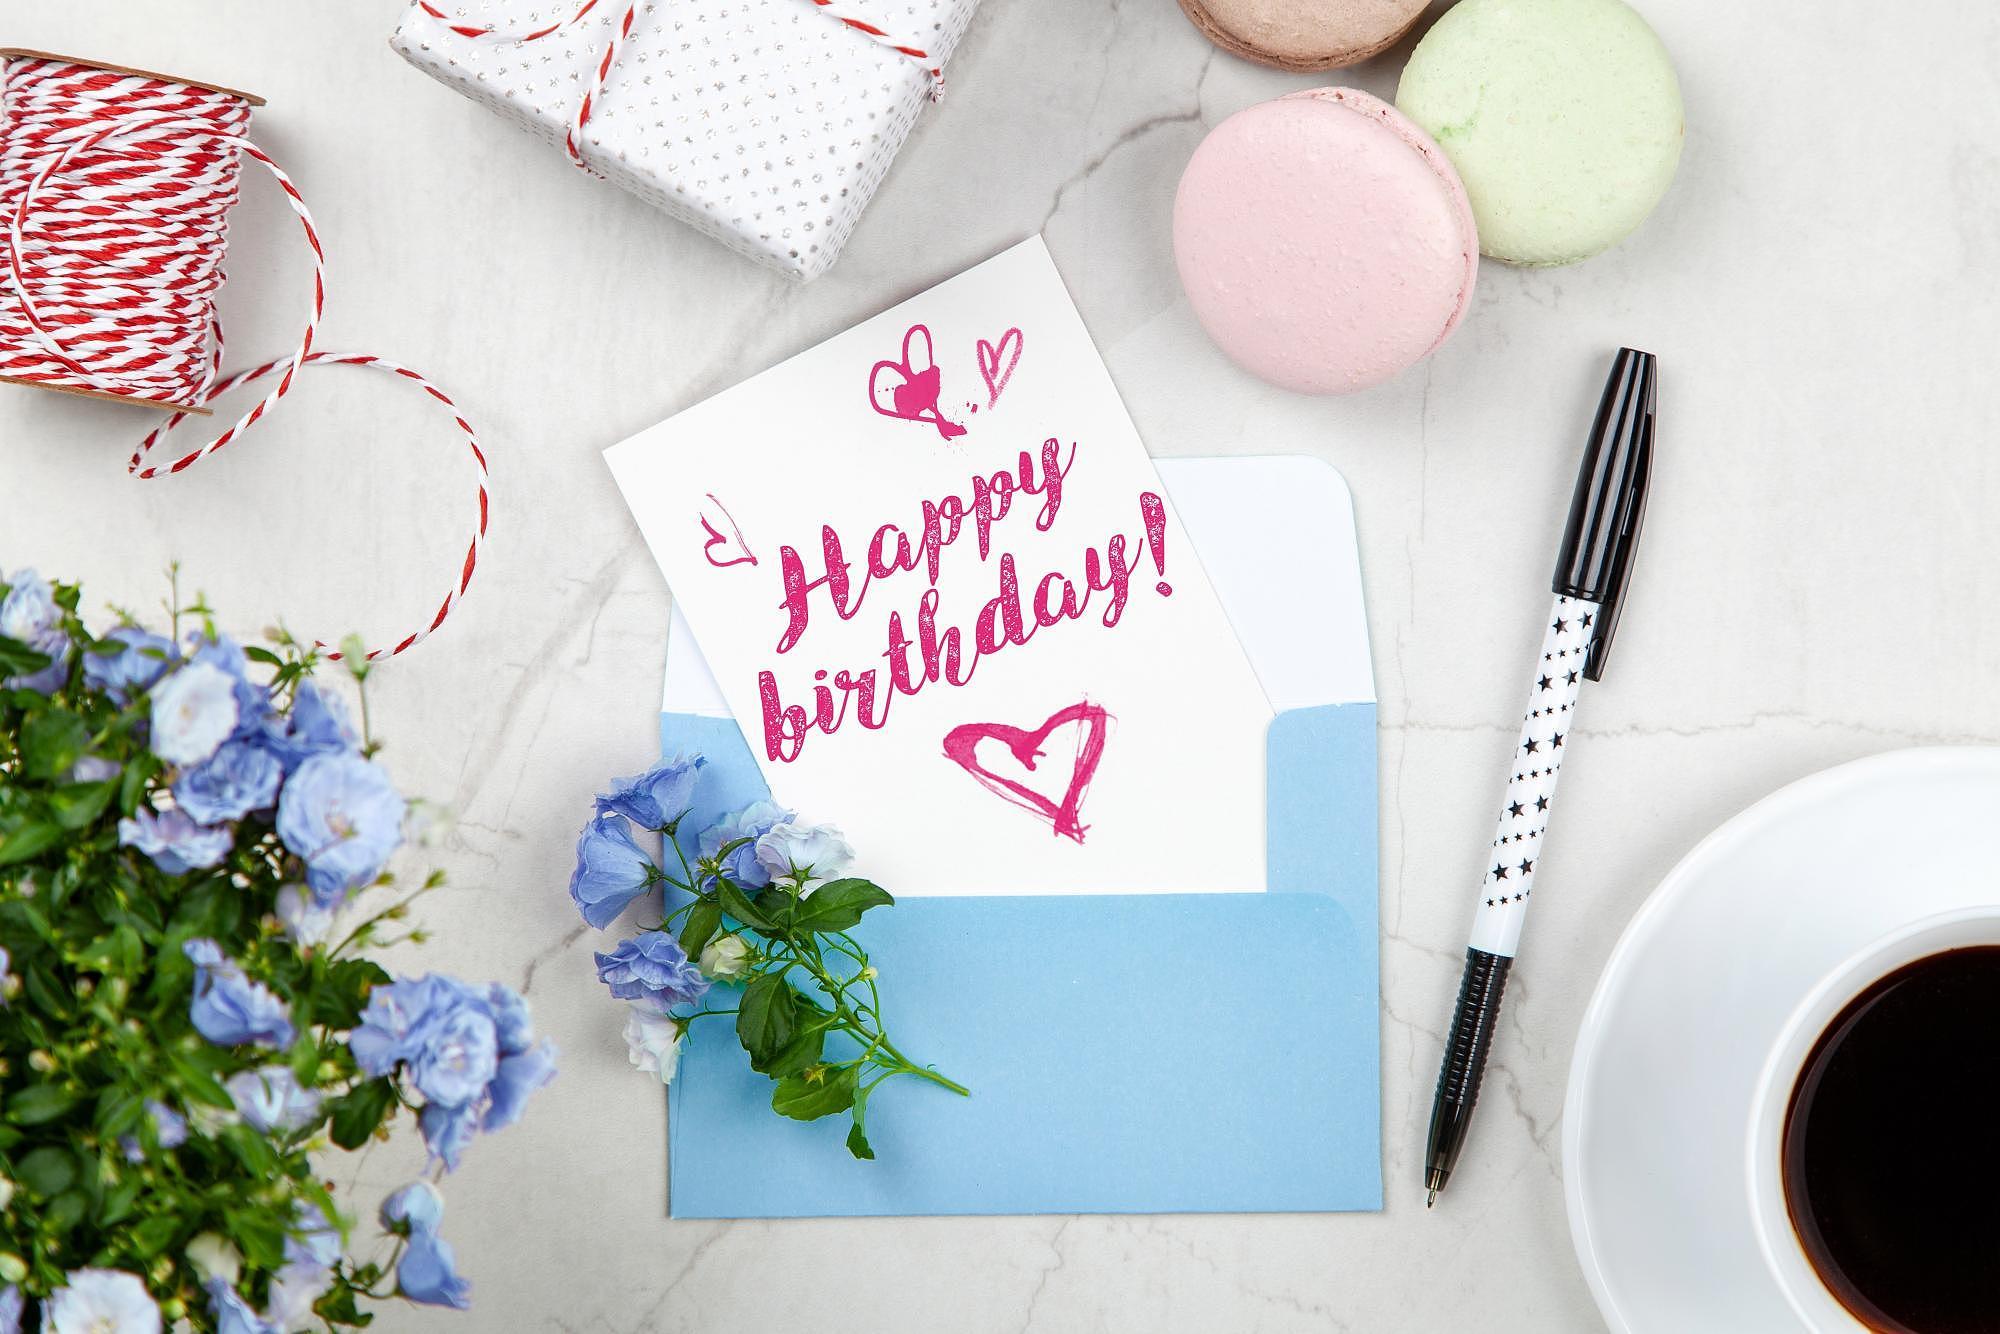 Textes Et Messages D'anniversaire - Cmonanniversaire tout Comment Souhaiter Un Joyeux Anniversaire En Anglais